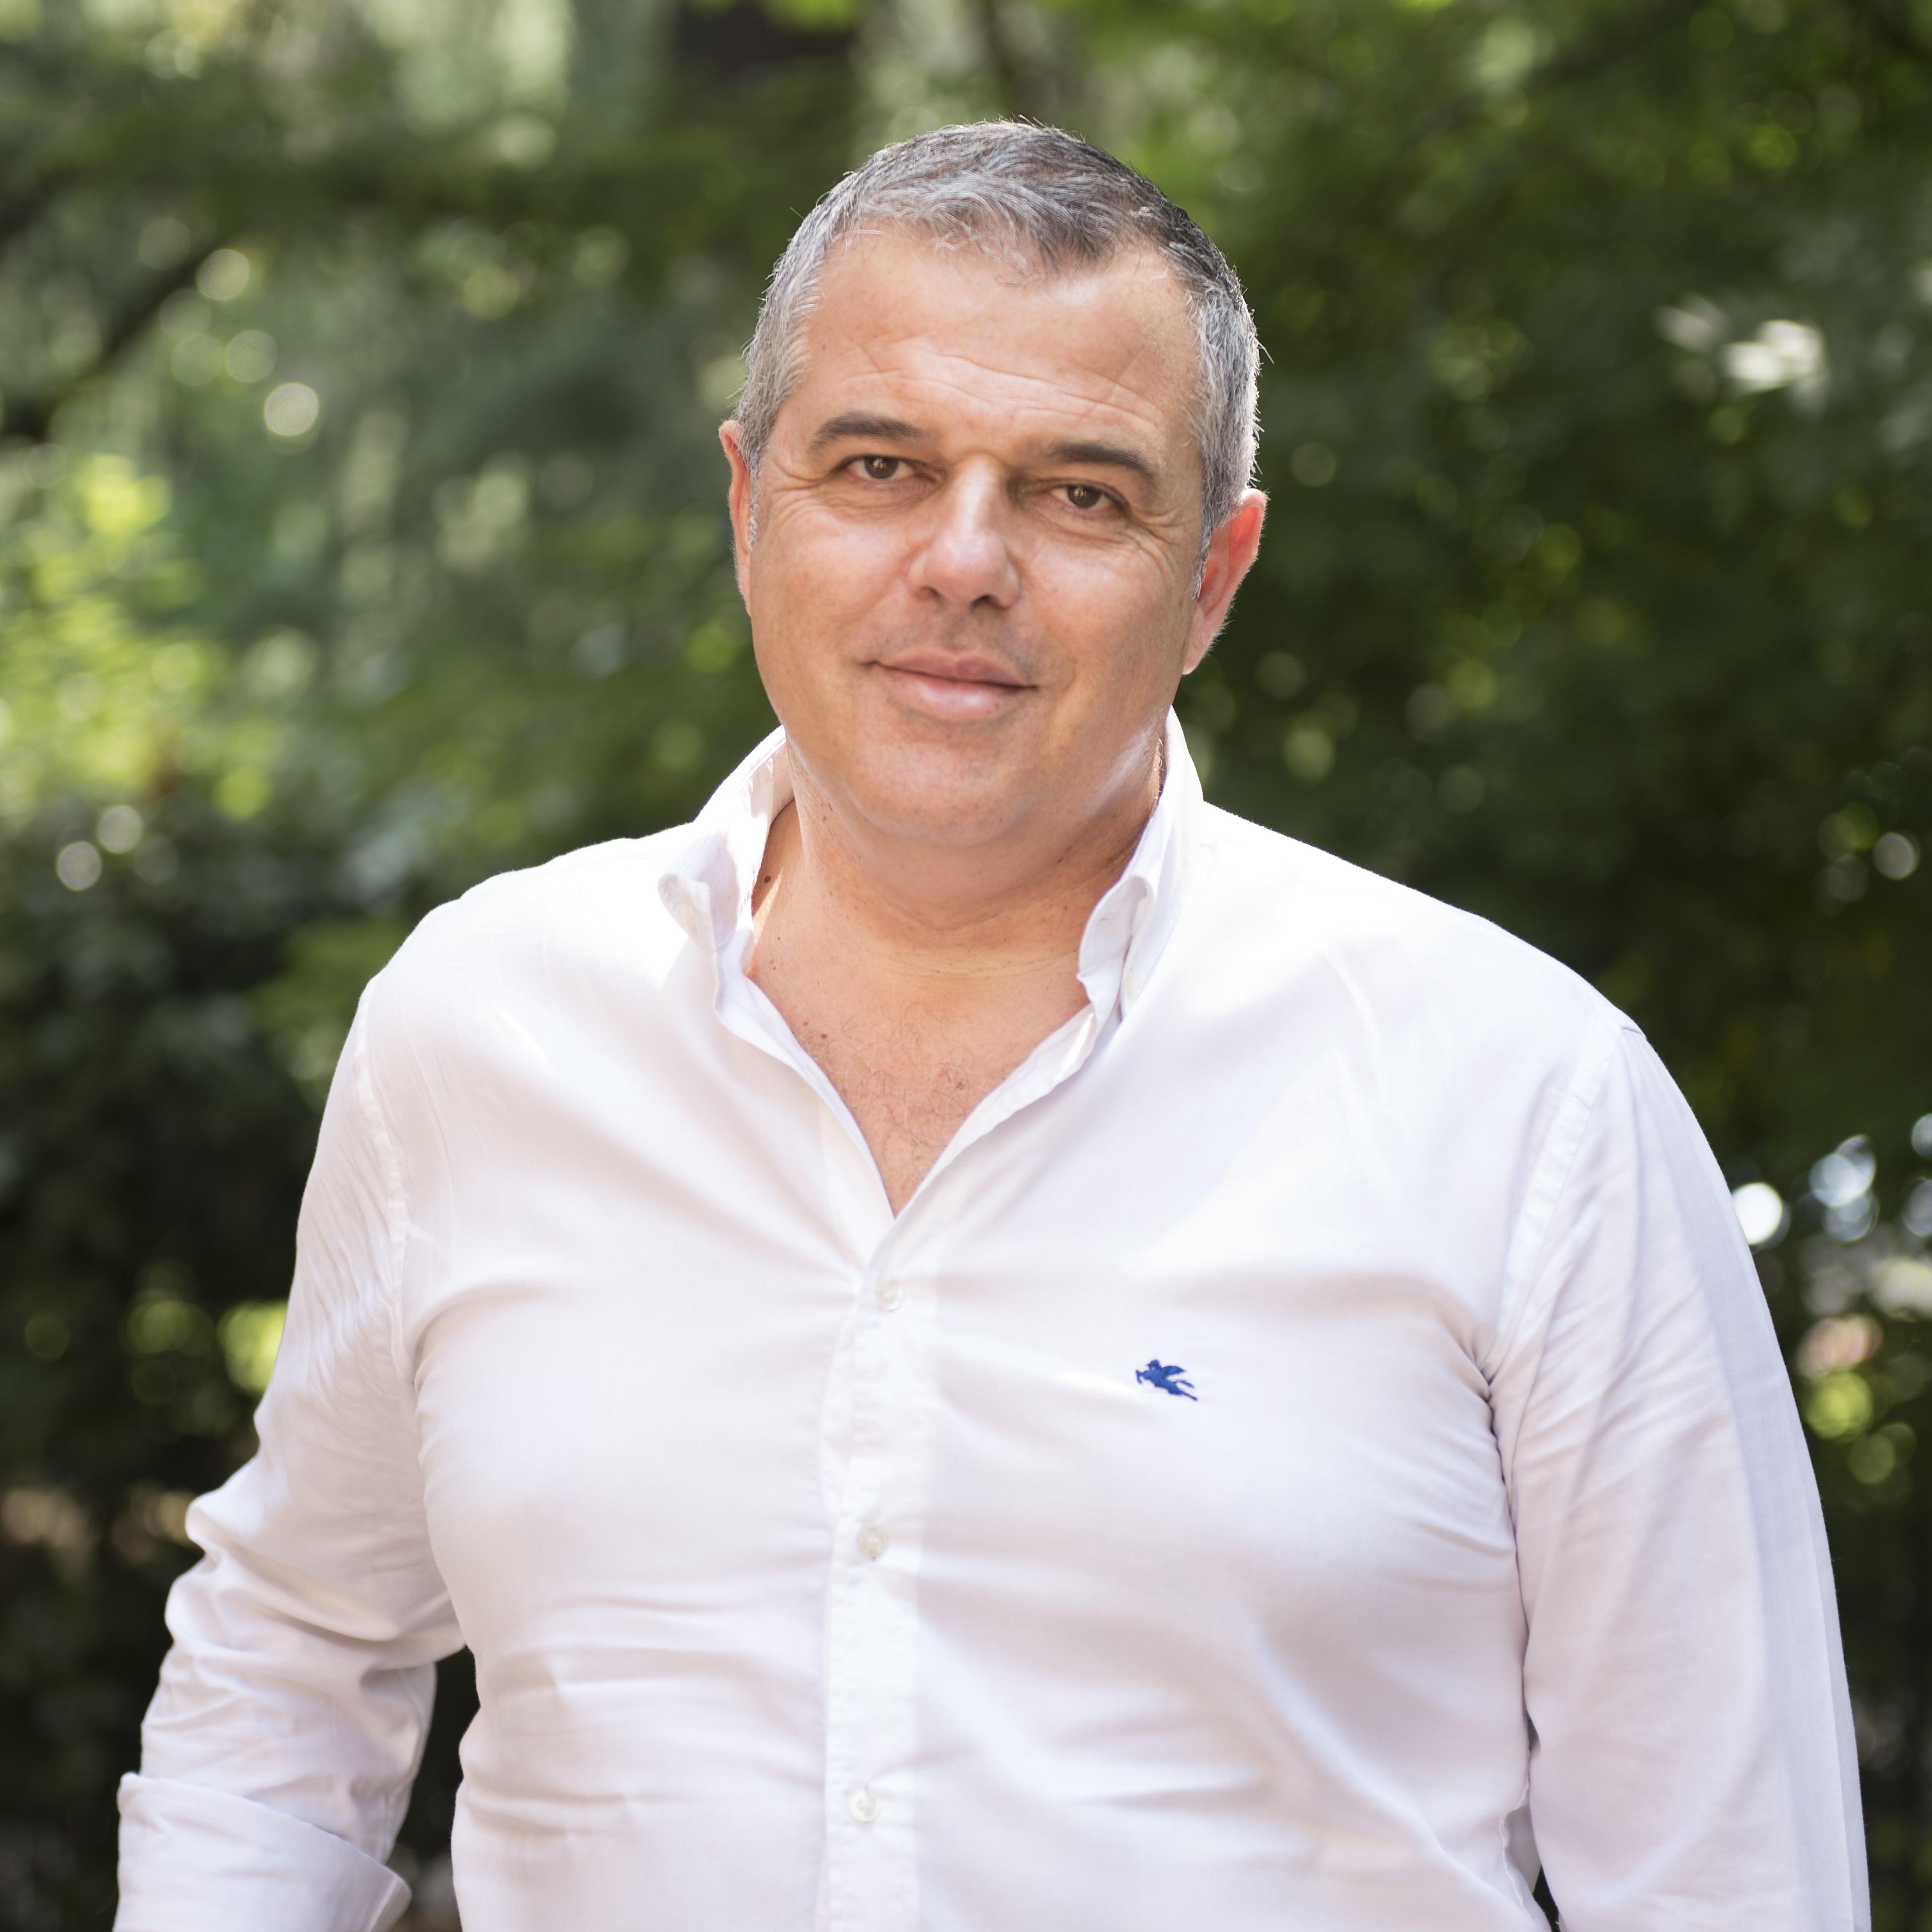 Massimo Milan